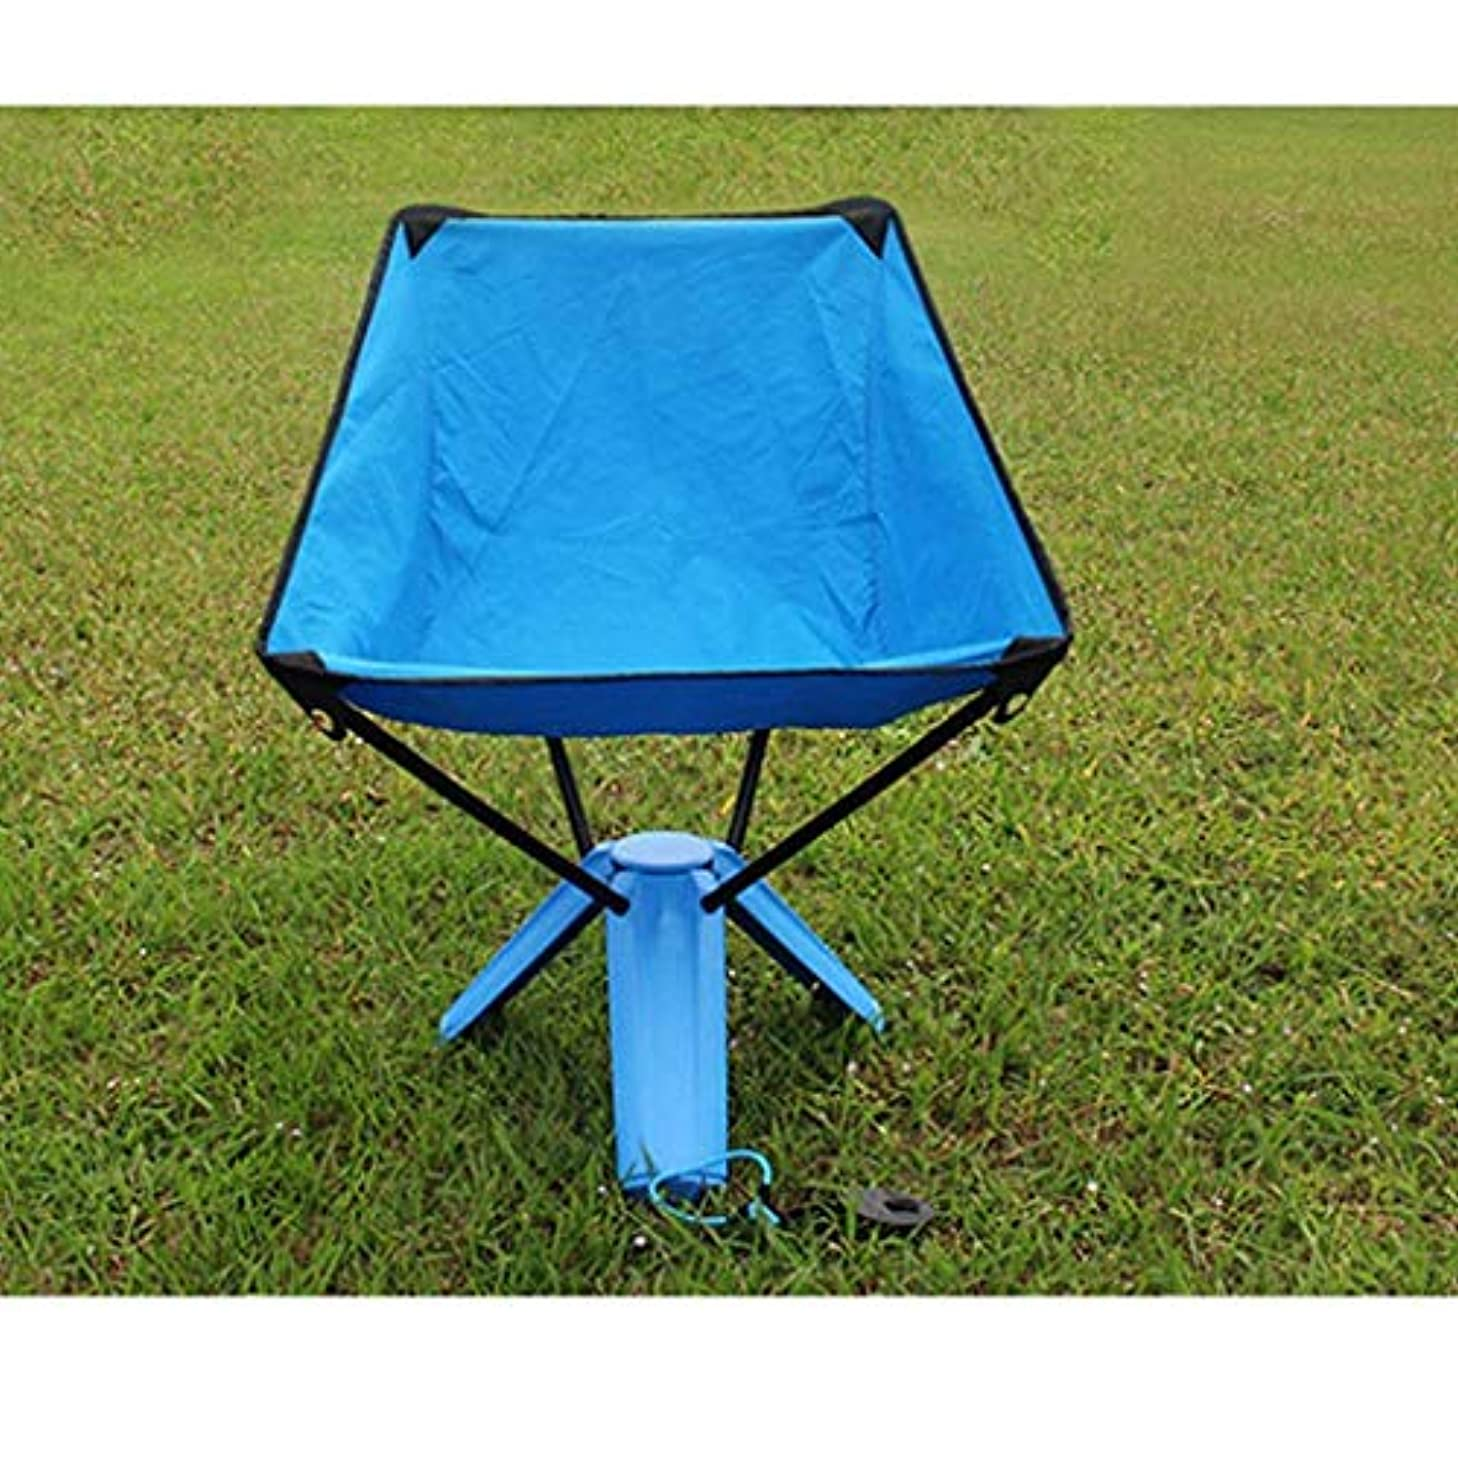 降ろすスロット略語屋外折りたたみ椅子、ポータブルピクニックバーベキューベンチ釣りスツールレジャー椅子新しい三角形の椅子スツール(色:青)